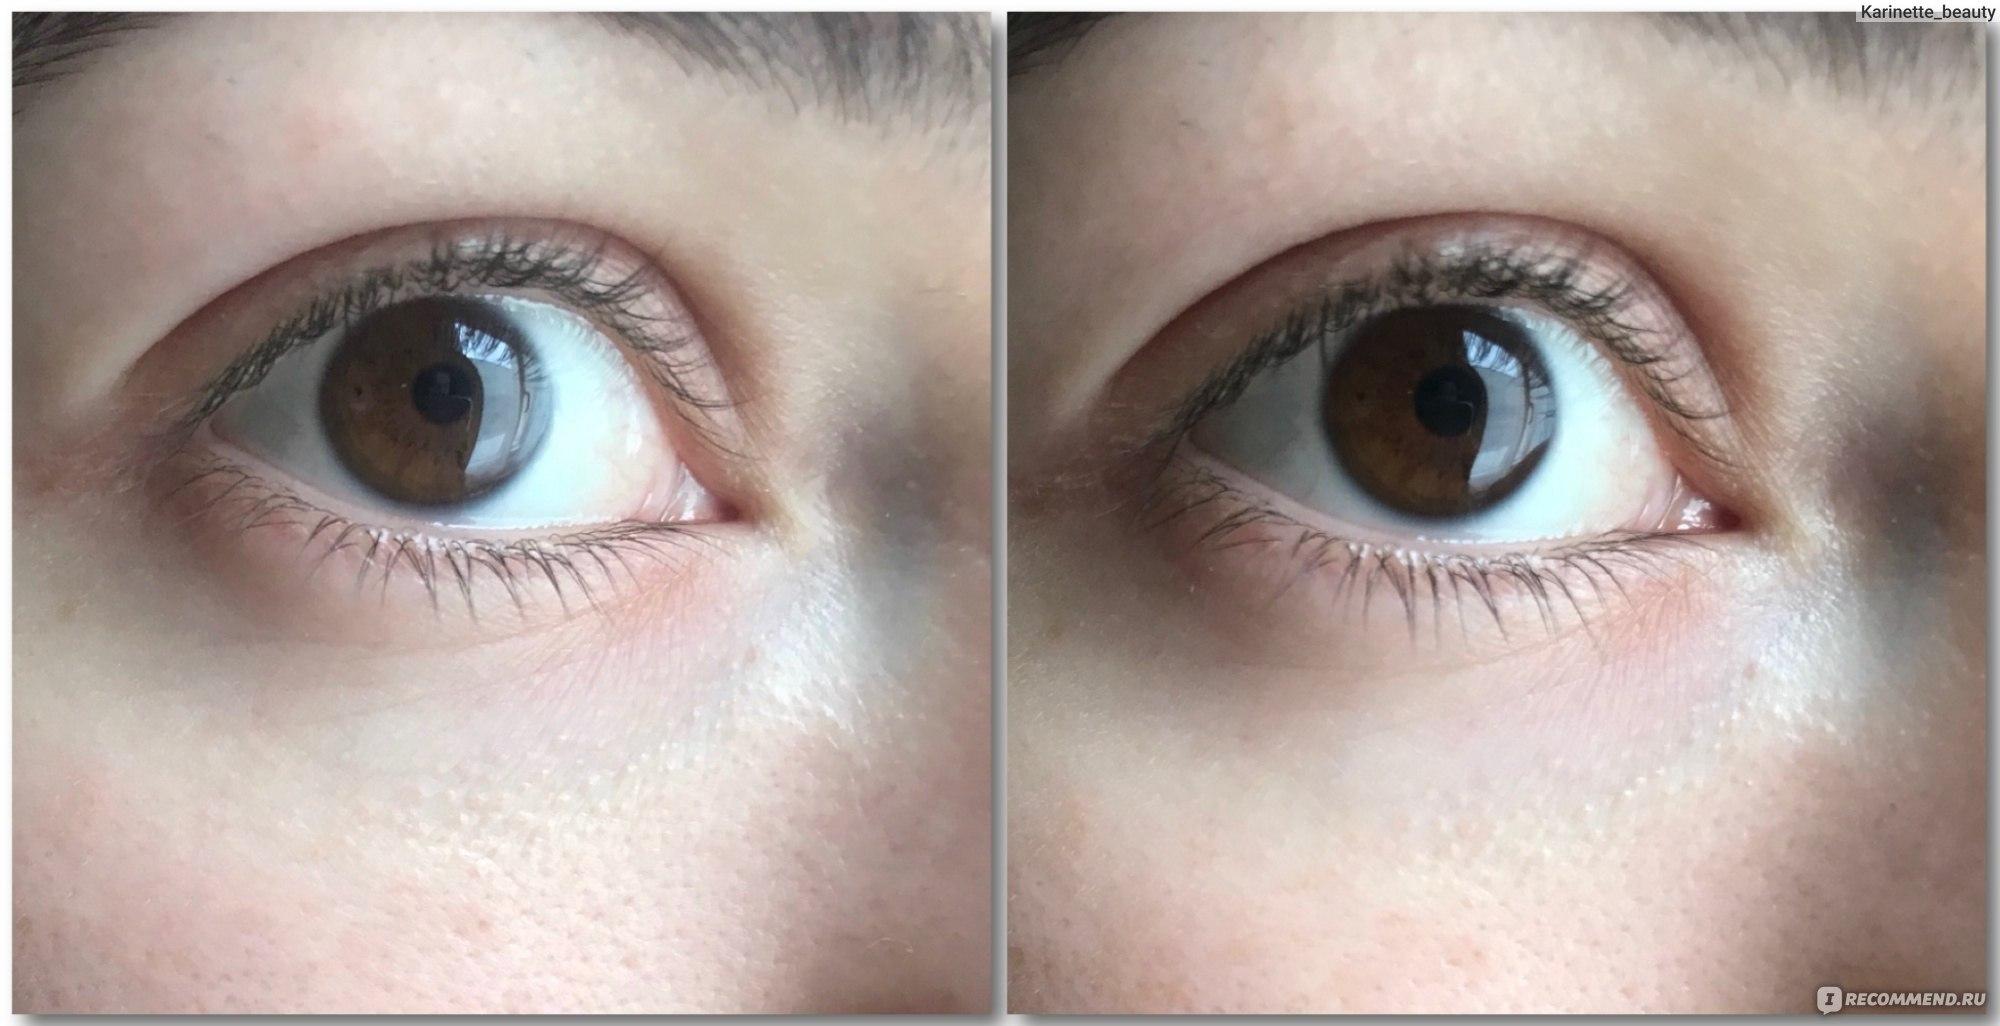 Патчи под глаза: экспресс-средство или пустышка